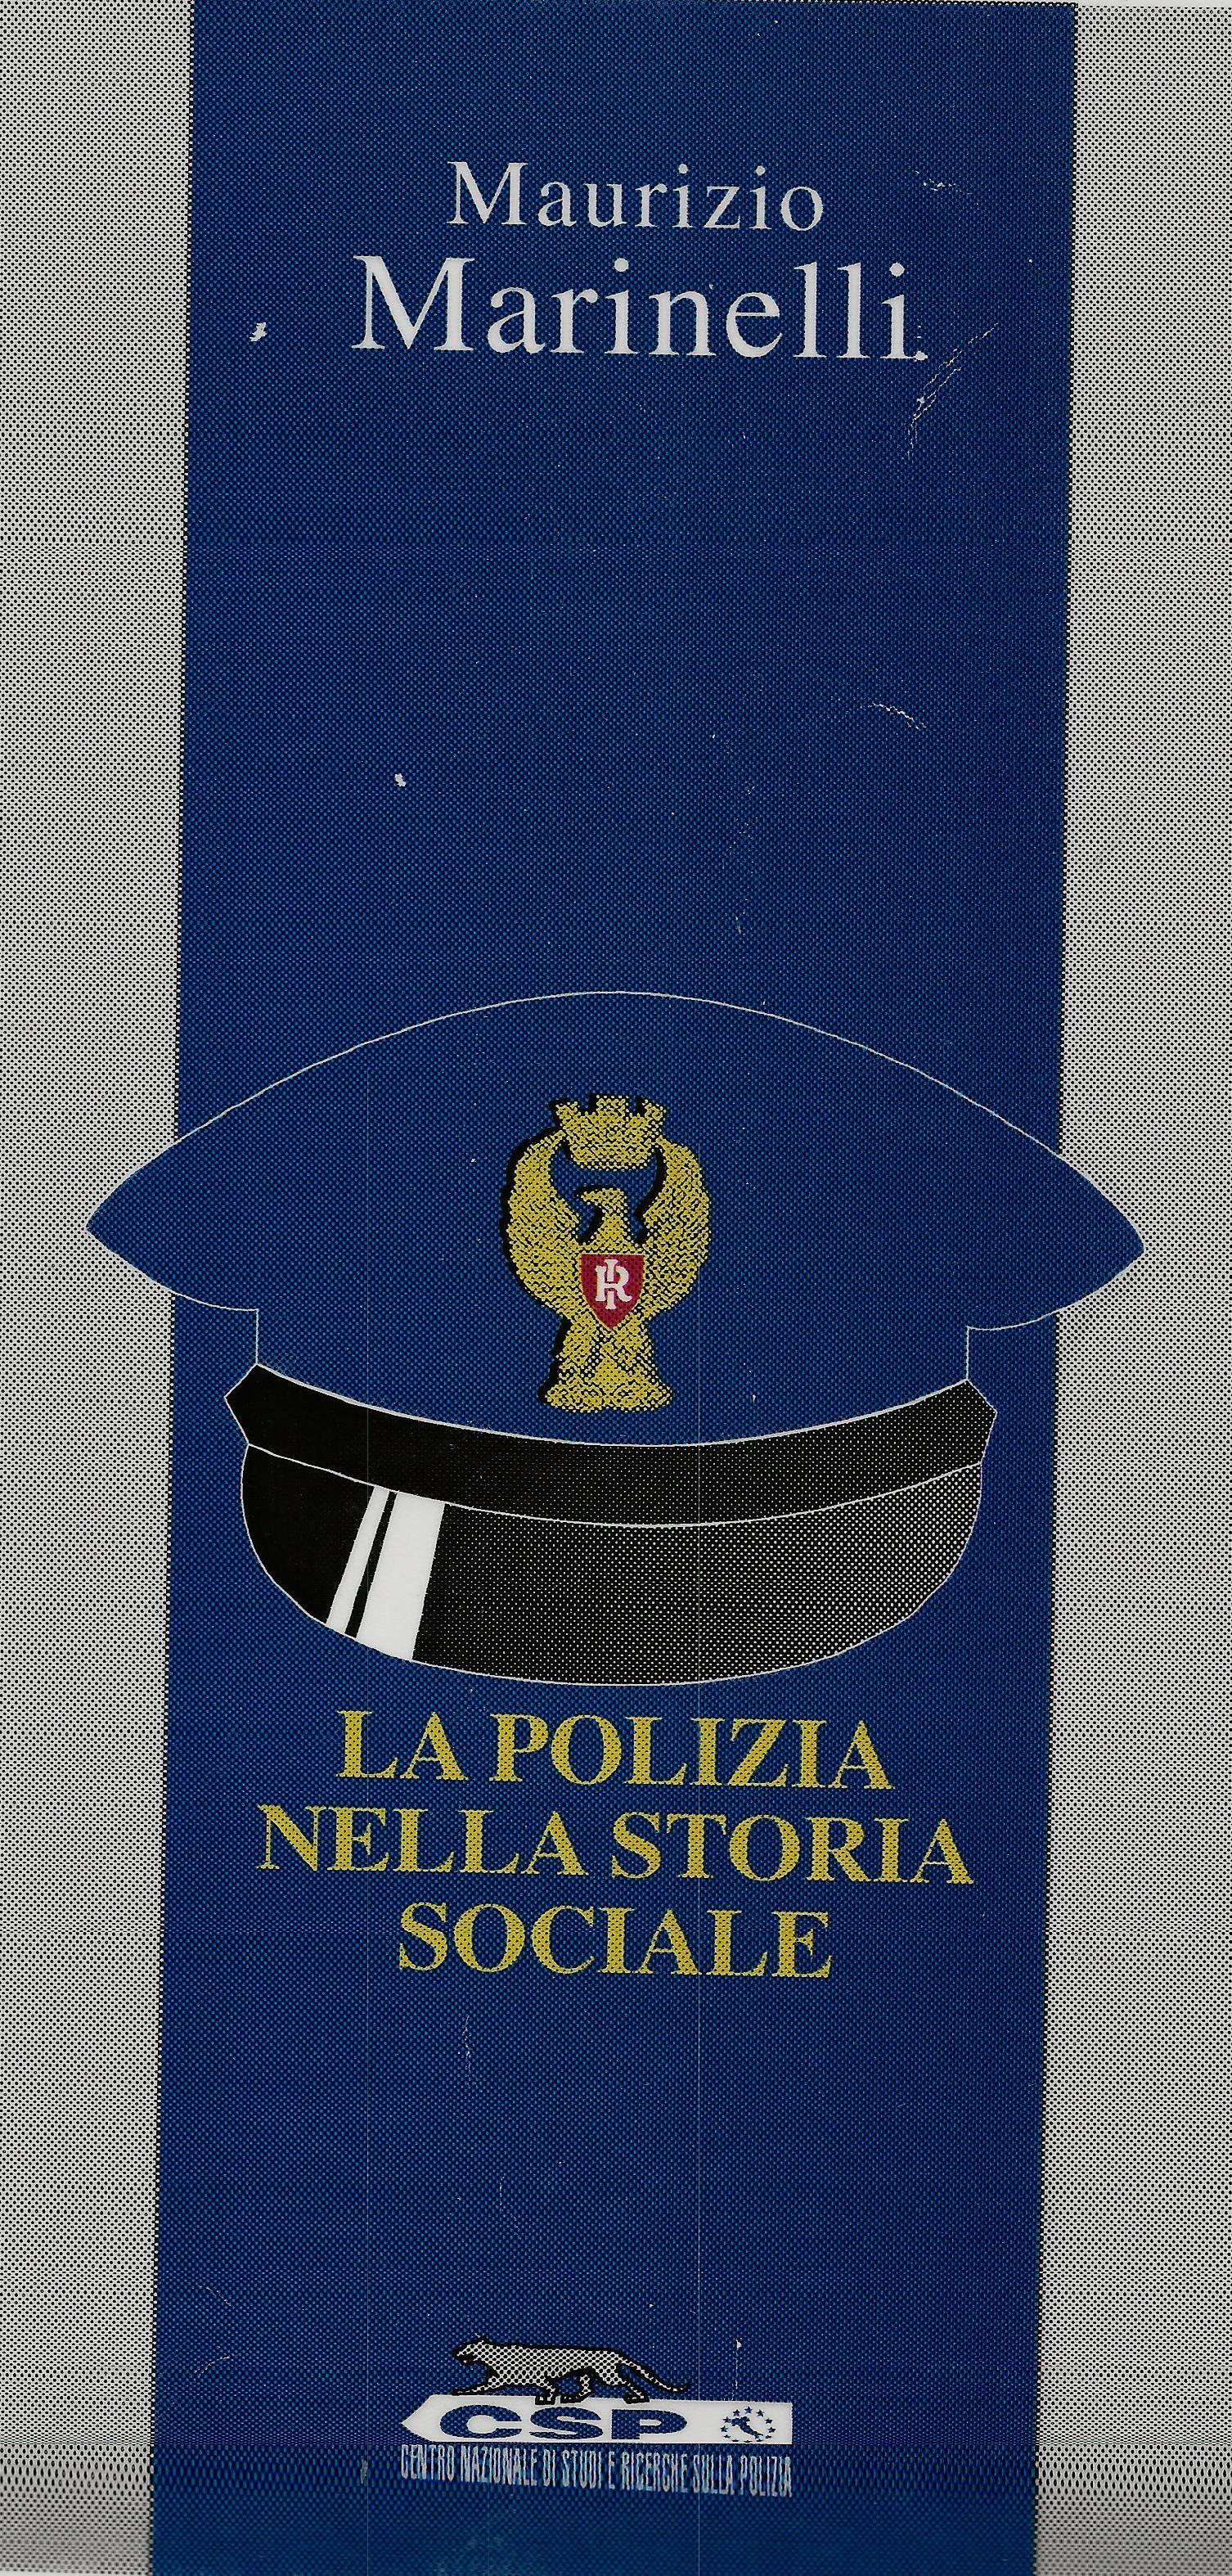 LA-POLIZIA-NELLA-STORIA-SOCIALE